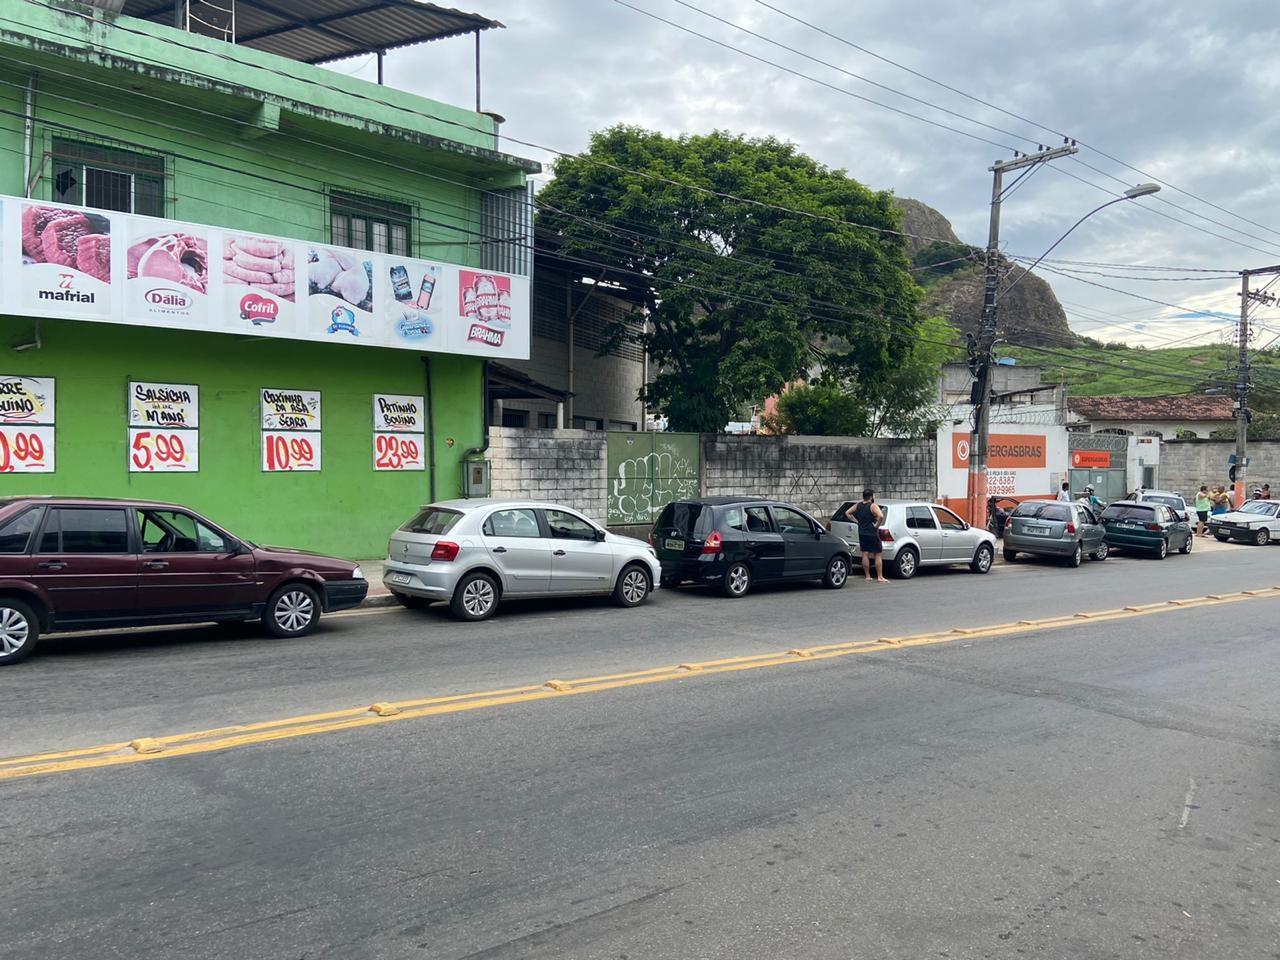 Distribuidora de gás de cozinha faz 'drive-thru' de botijões para evitar aglomeração, em Vitória